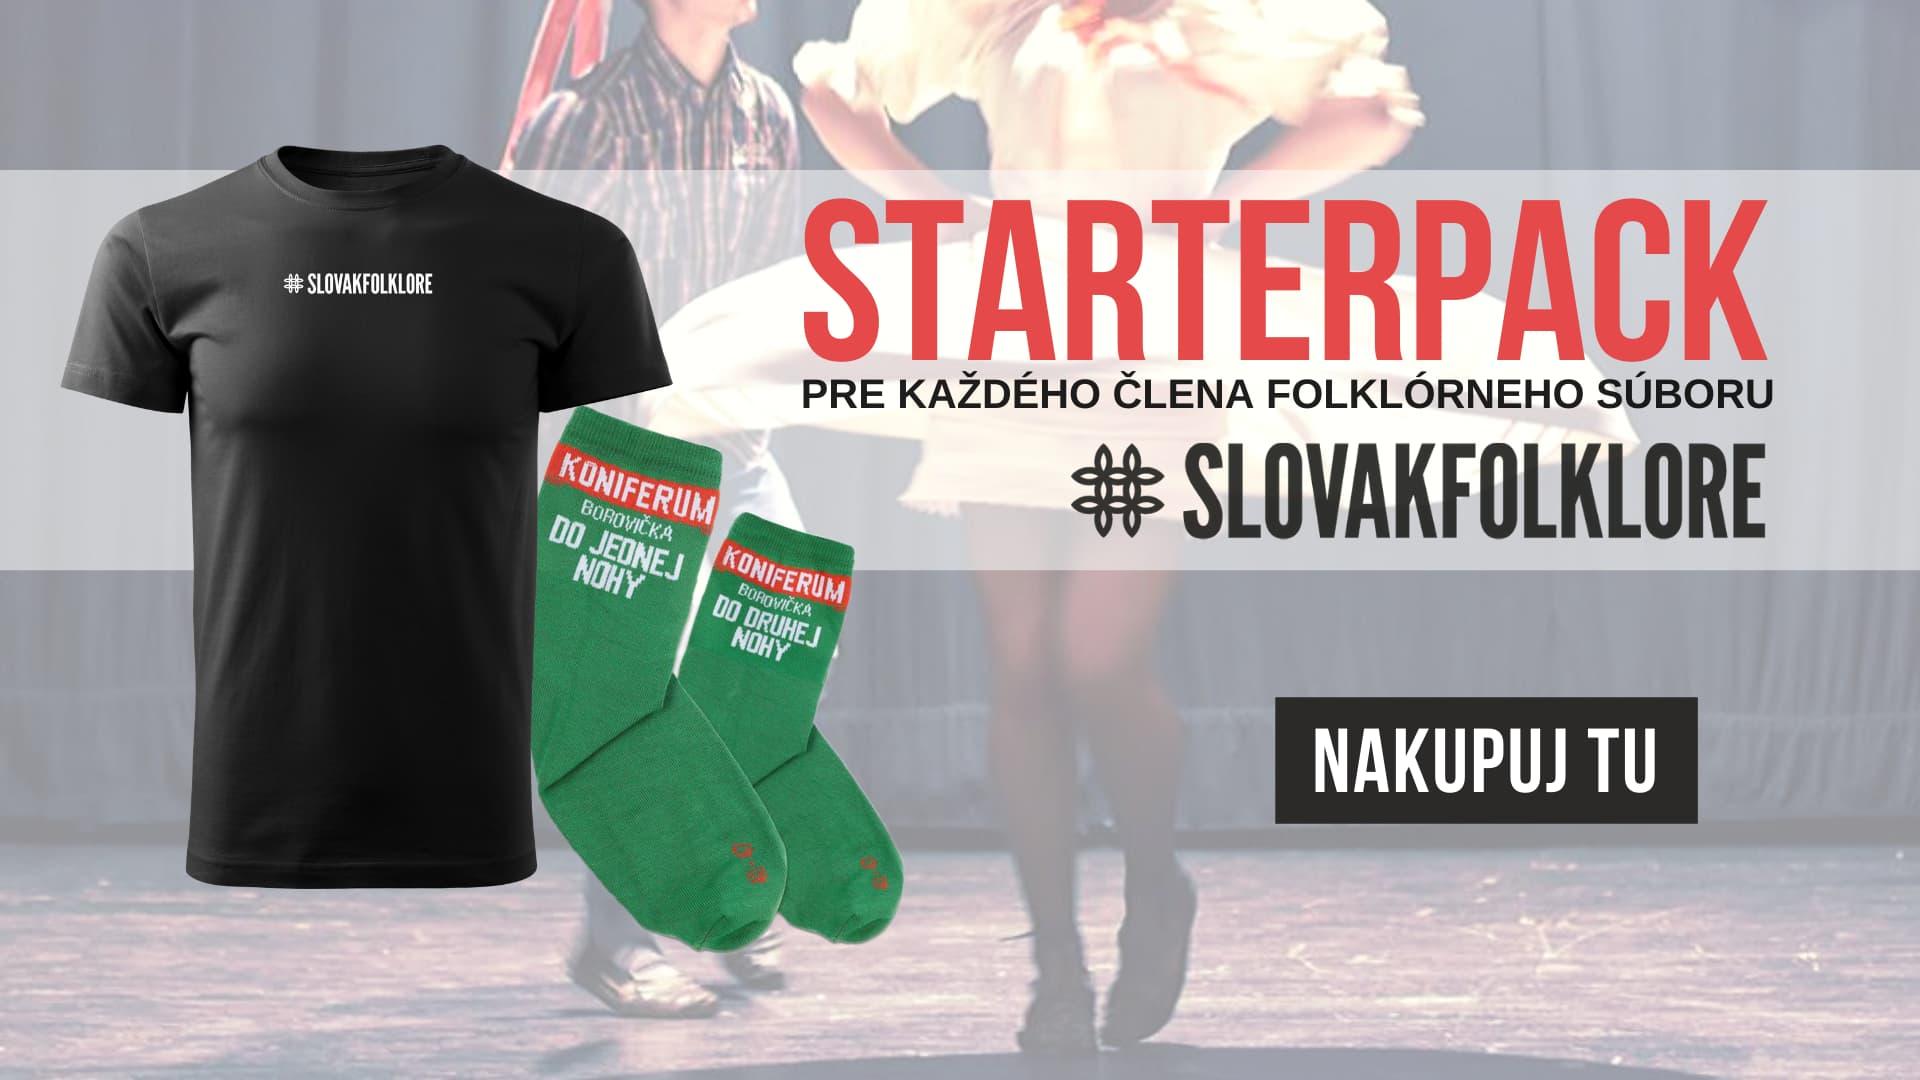 starterpack2